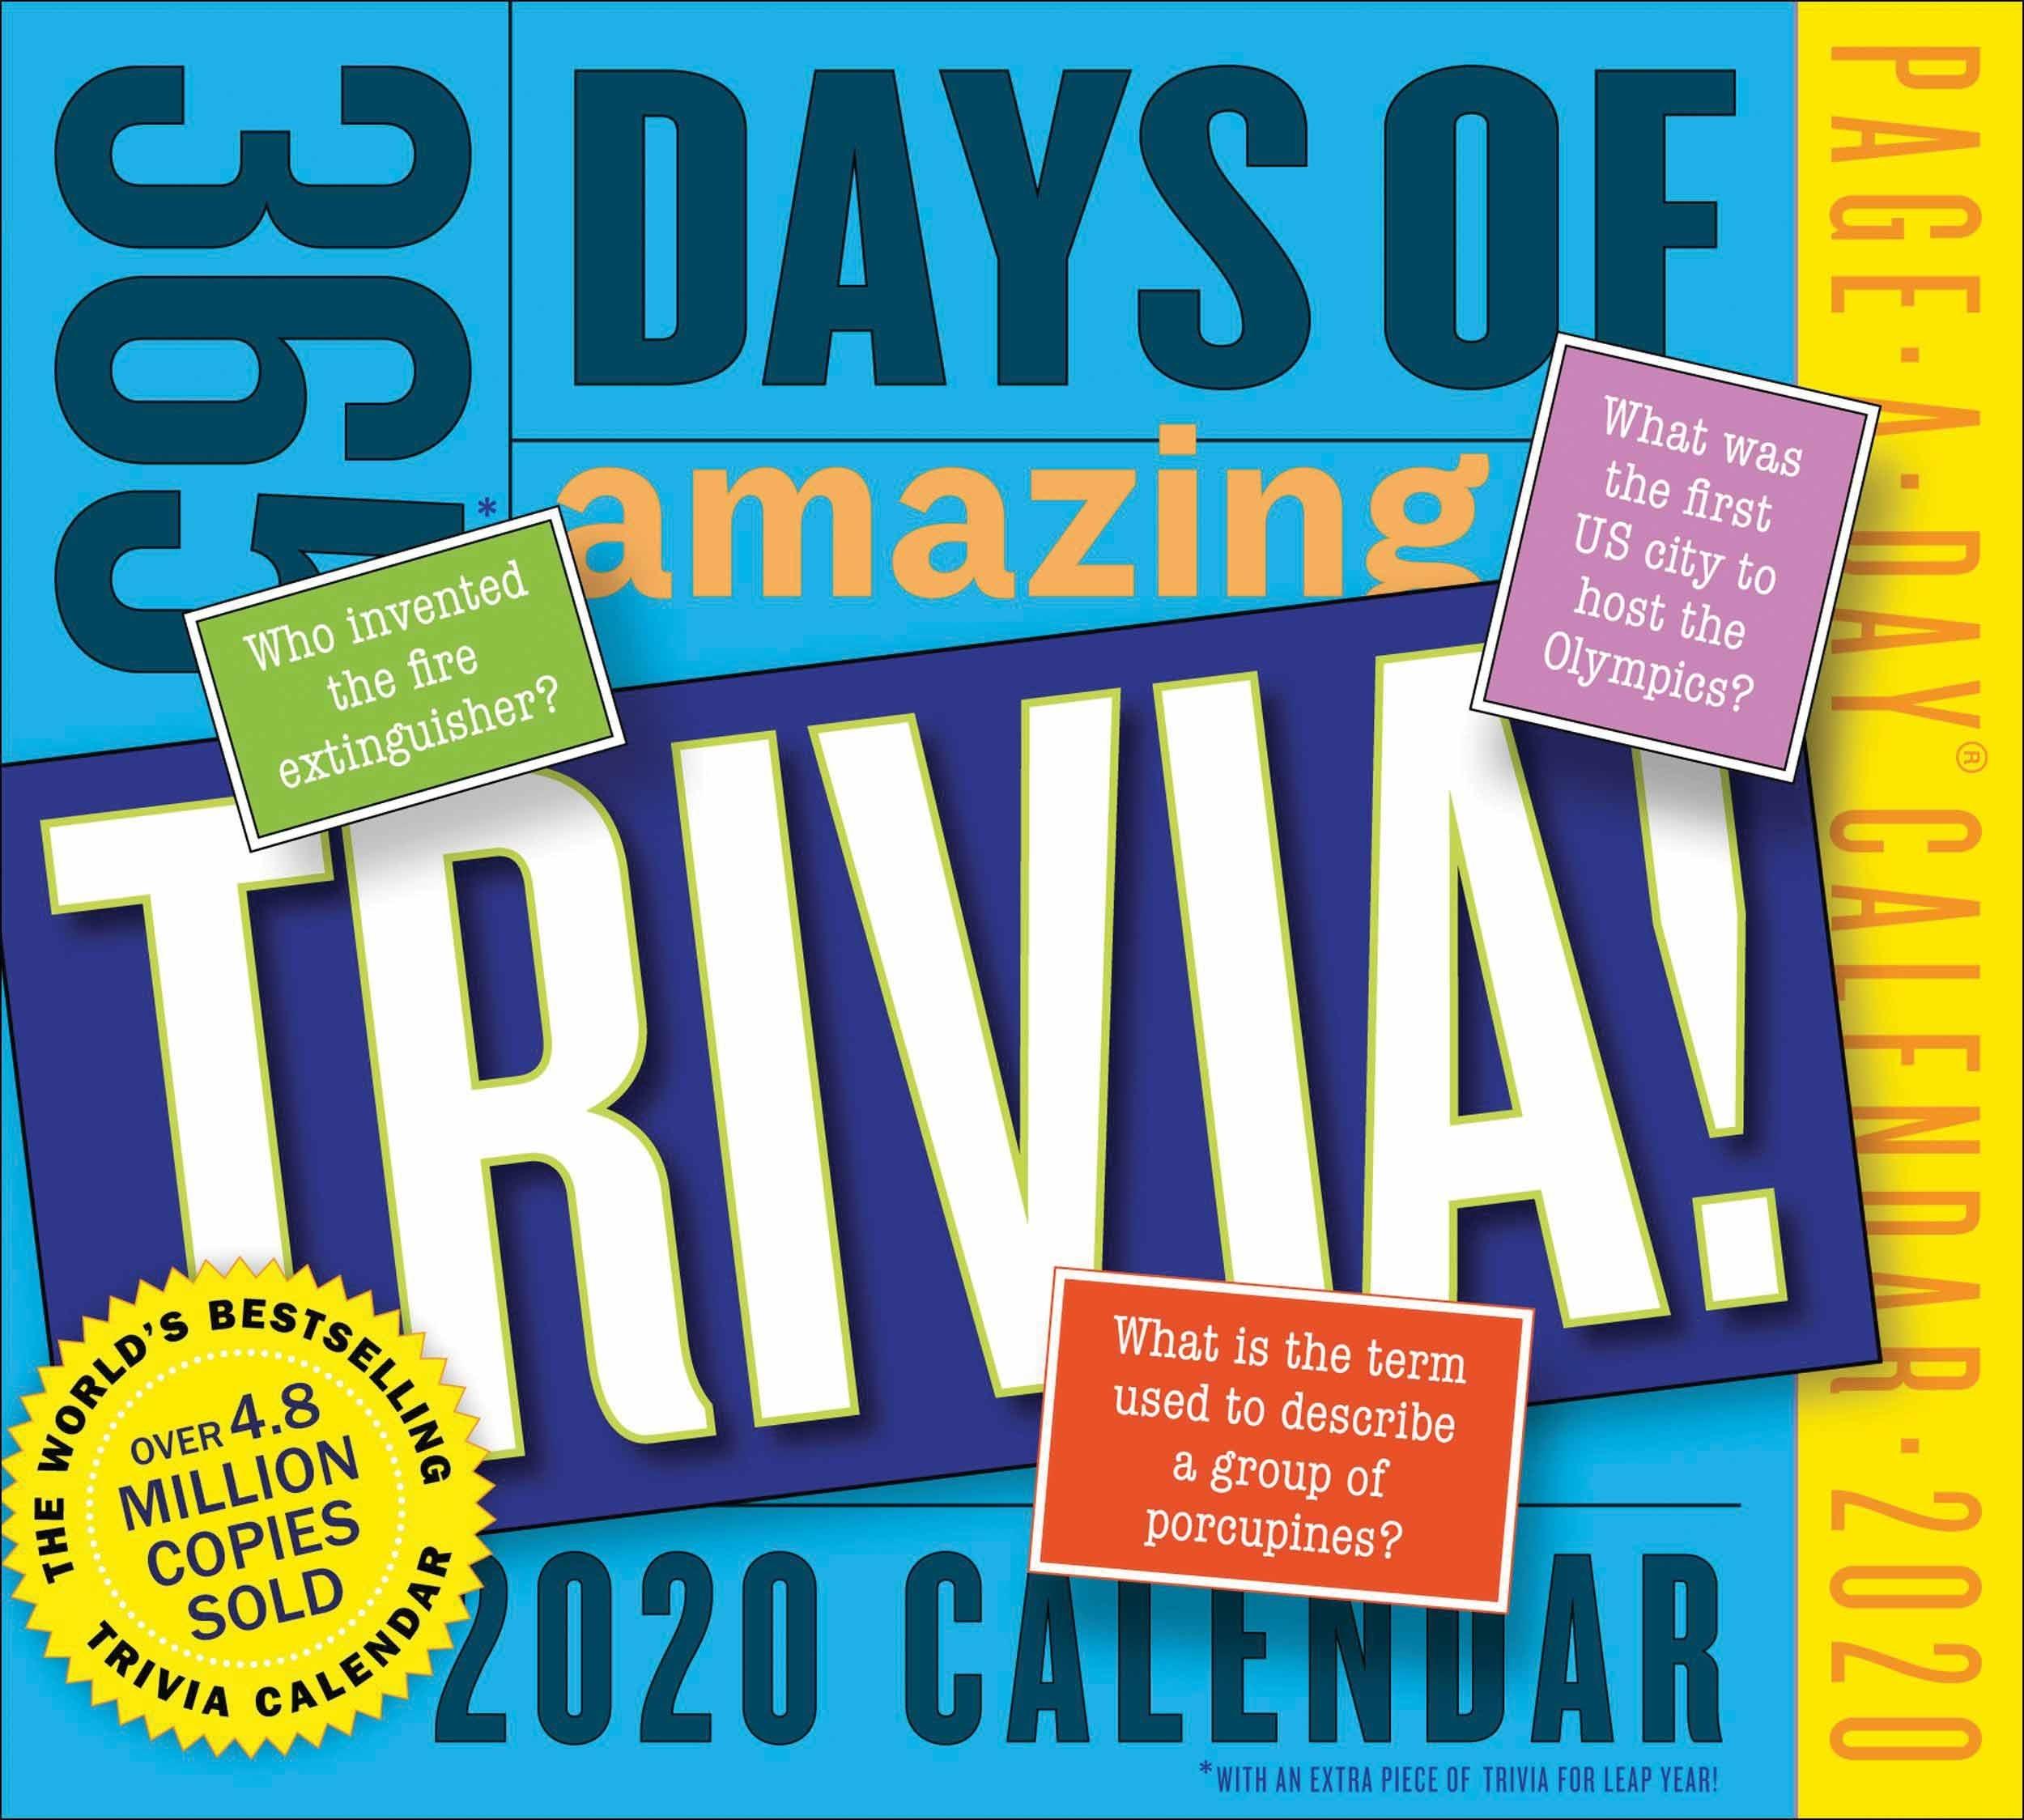 365 Days Of Amazing Trivia Desk Calendar 2020 - Calendar